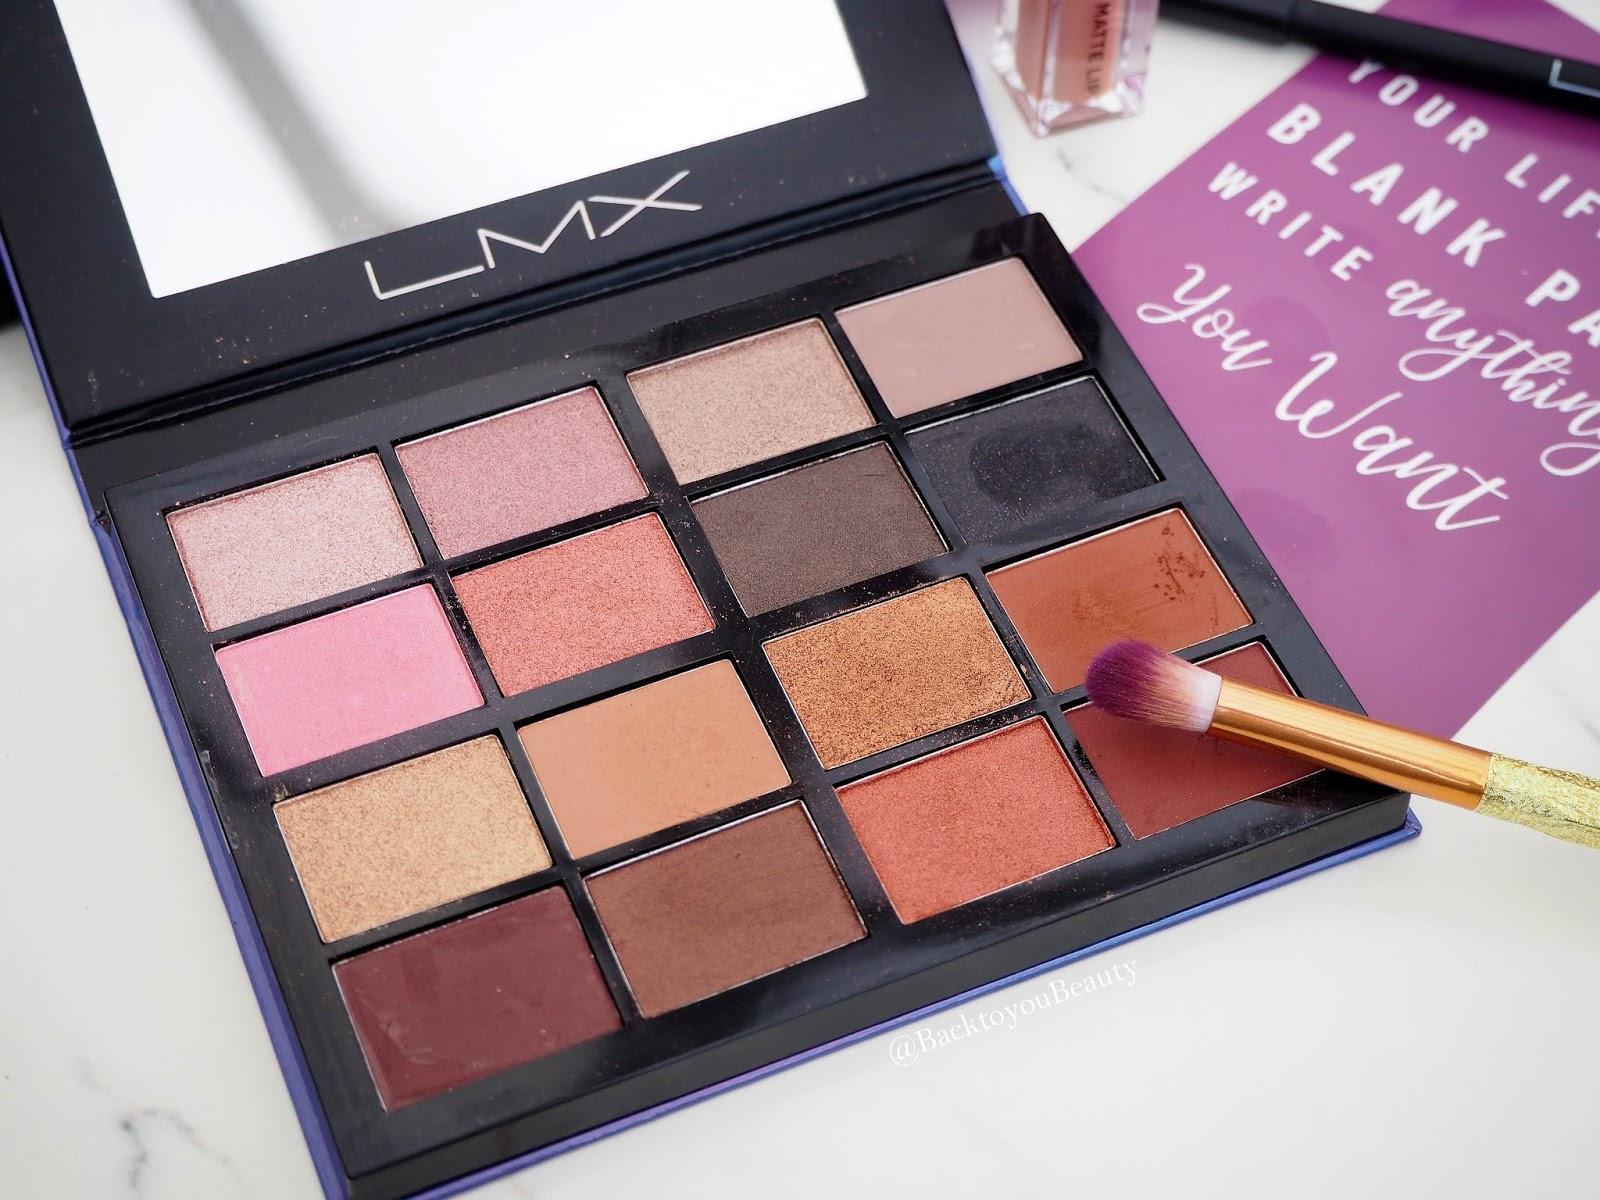 LMX Beauty Eye palette 2